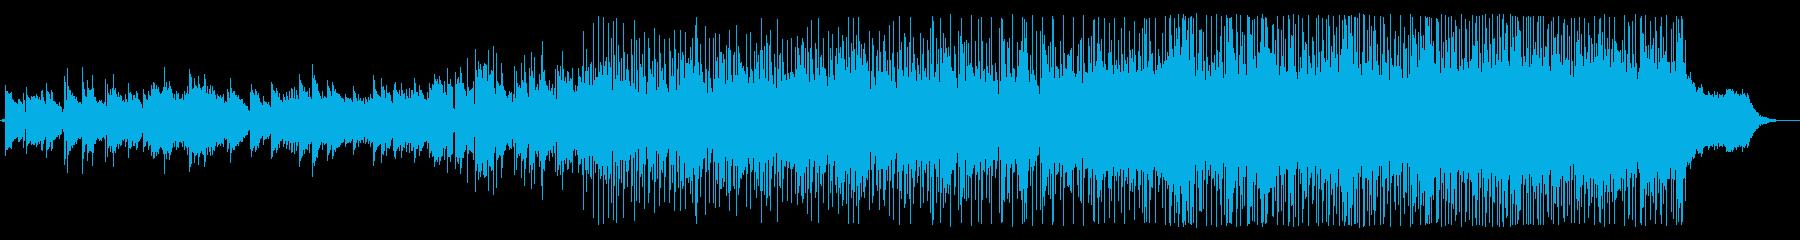 感動的で感傷的な、ナイロン製のエレ...の再生済みの波形